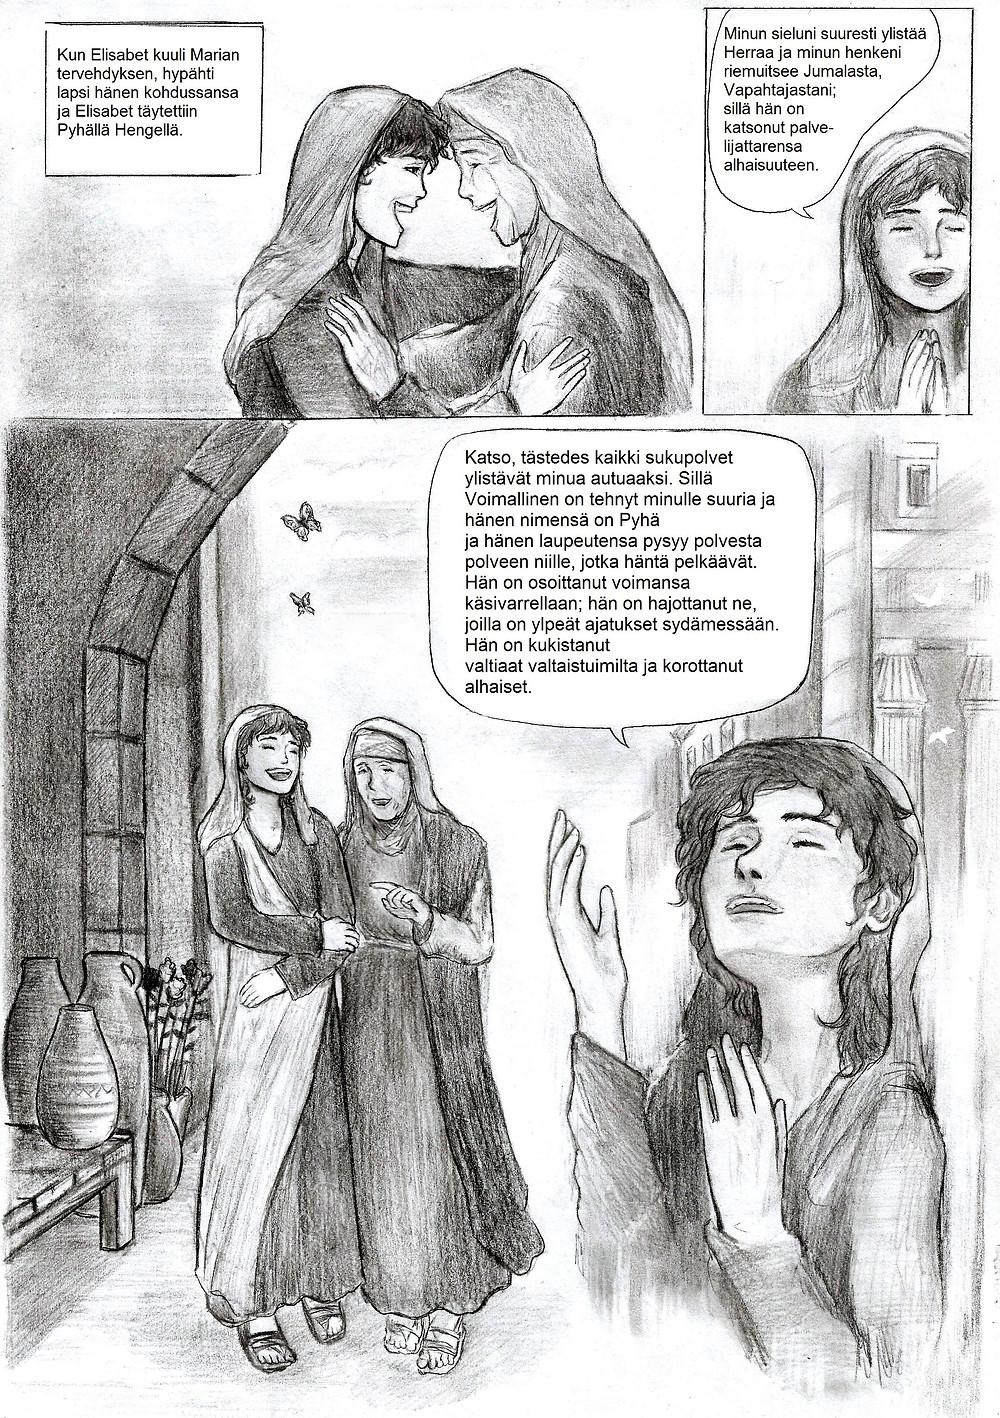 Maria ylistää Herraa Luukkaan evankeliumin Marian kiitosvirren mukaisesti